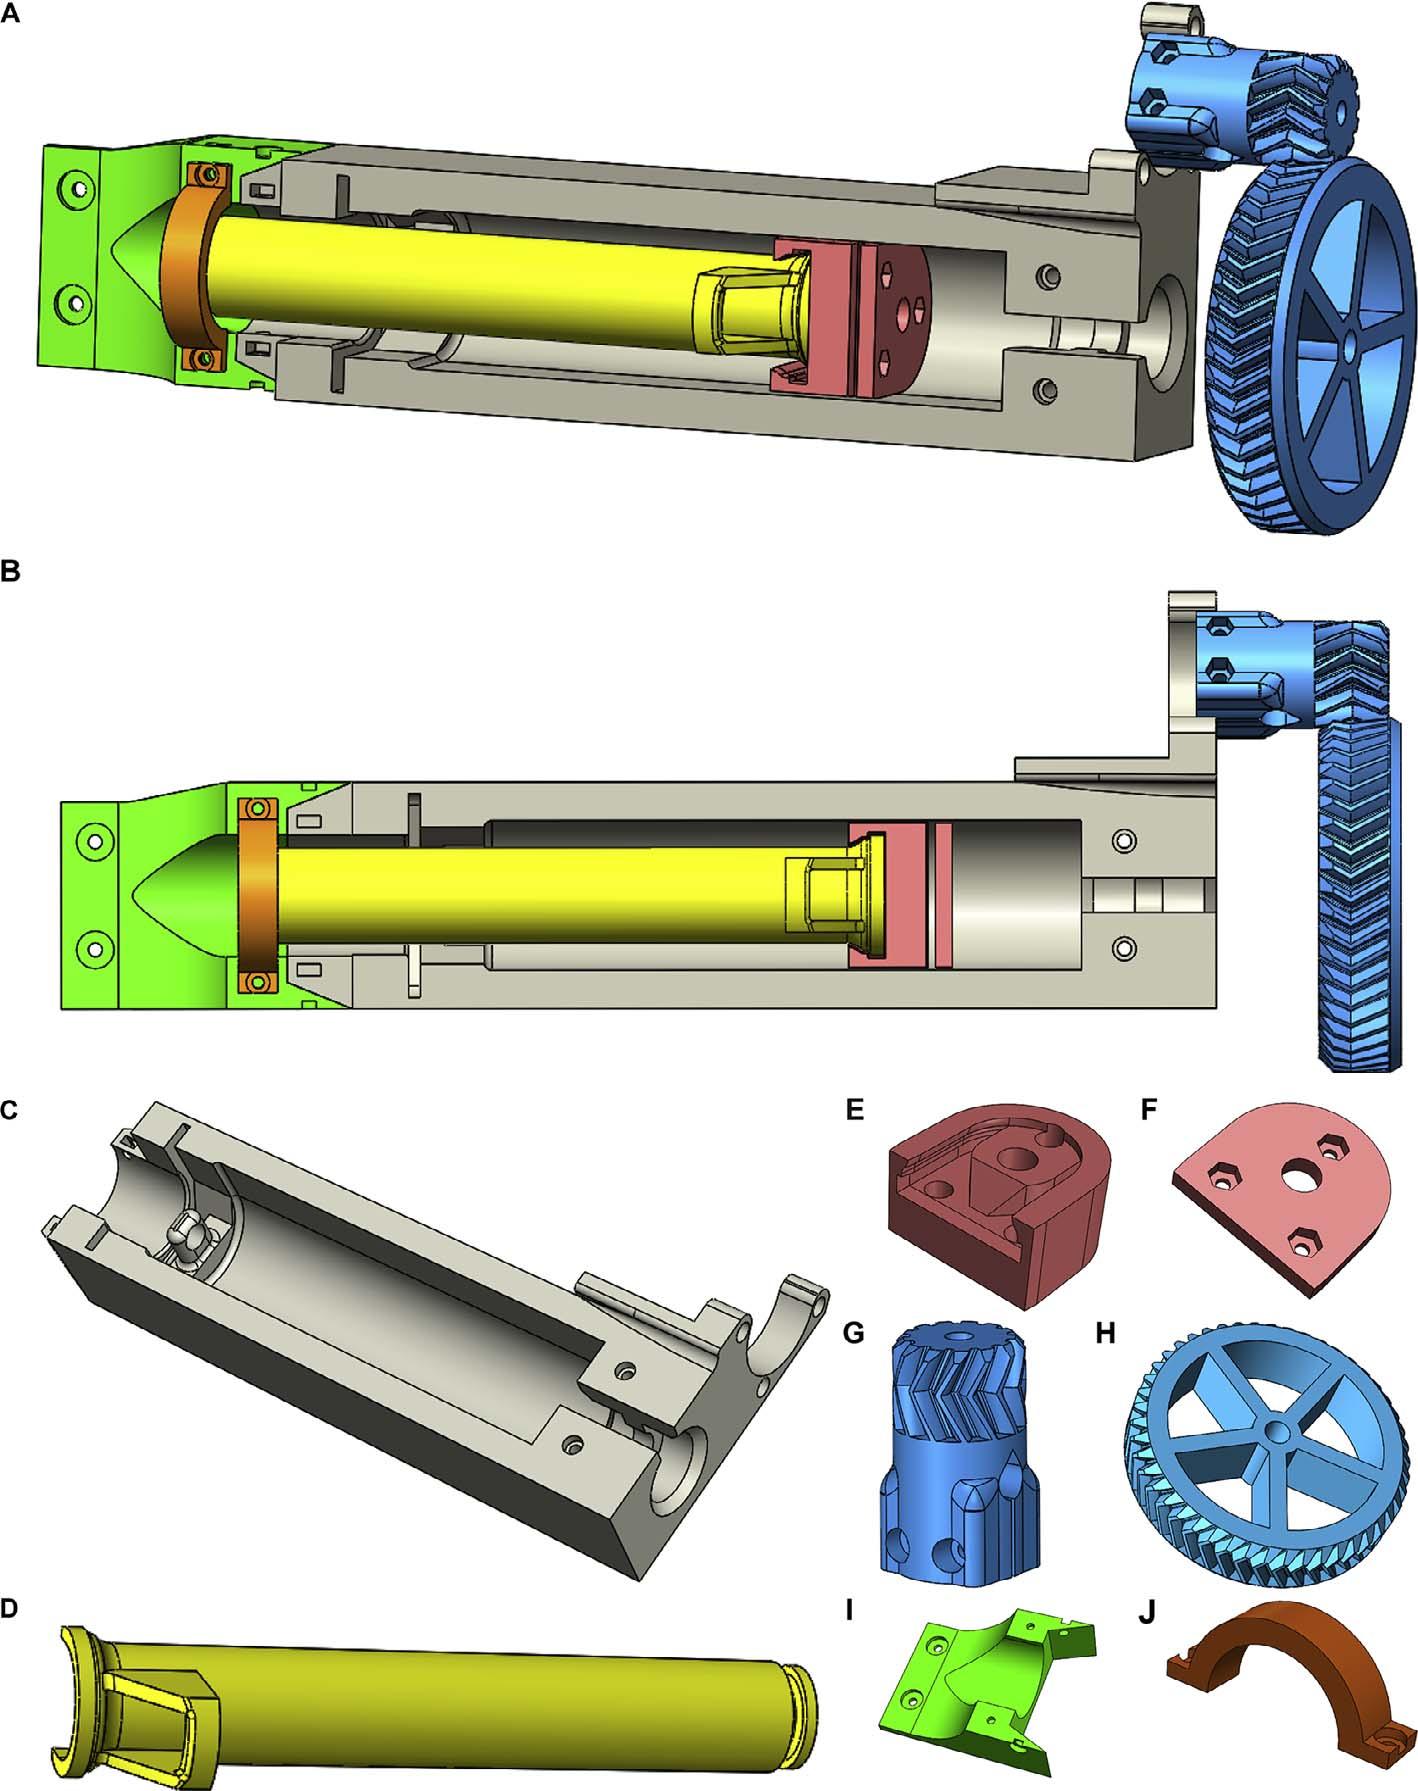 卡耐基梅隆大学发布开源3D生物打印机的设计